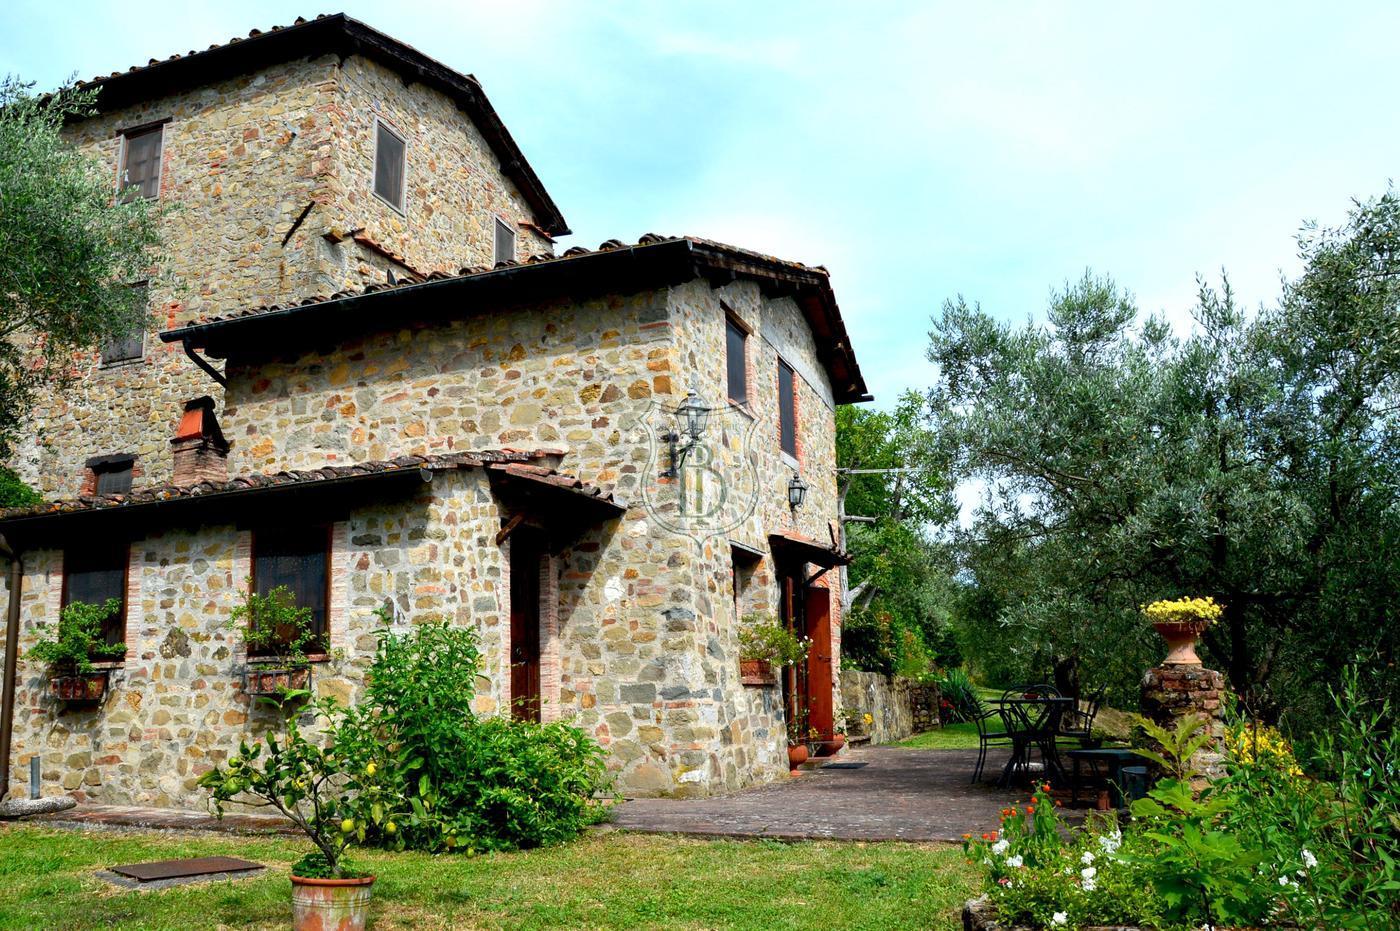 Casale in vendita a Lucca con piscina in posizione collinare